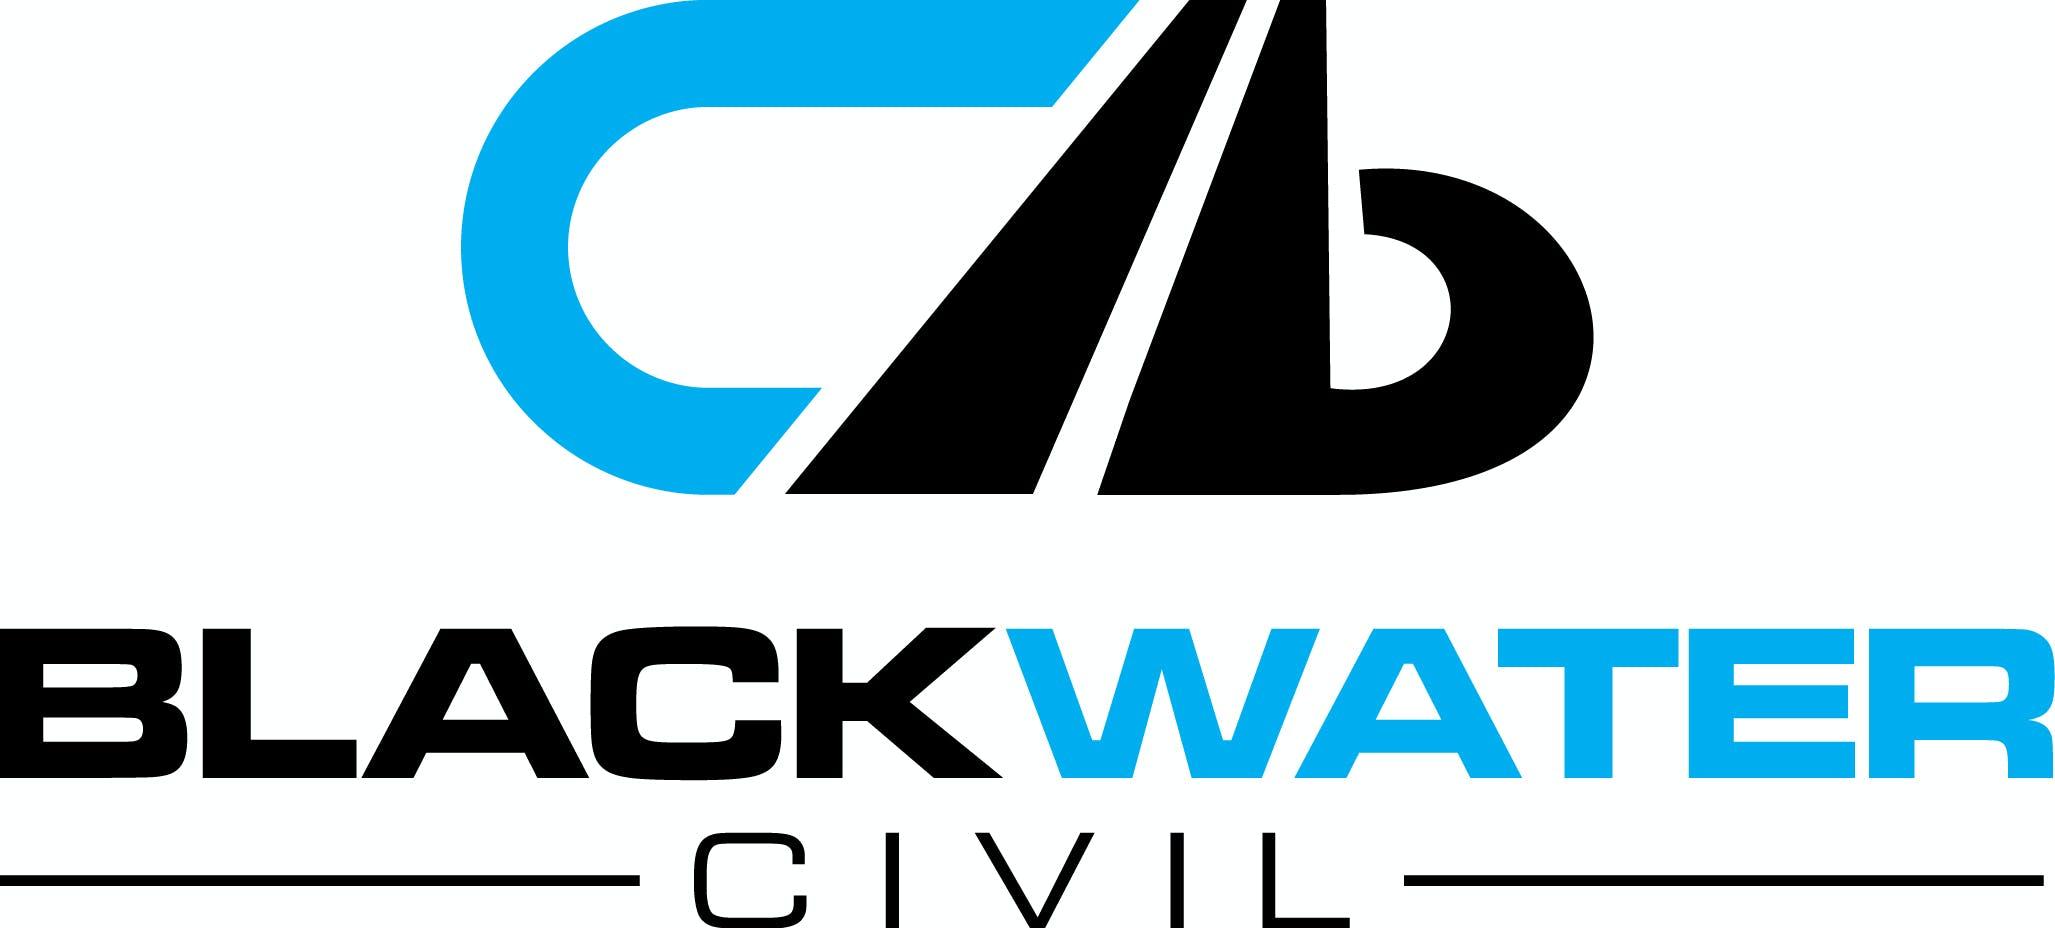 Blackwater Civil Pty Ltd